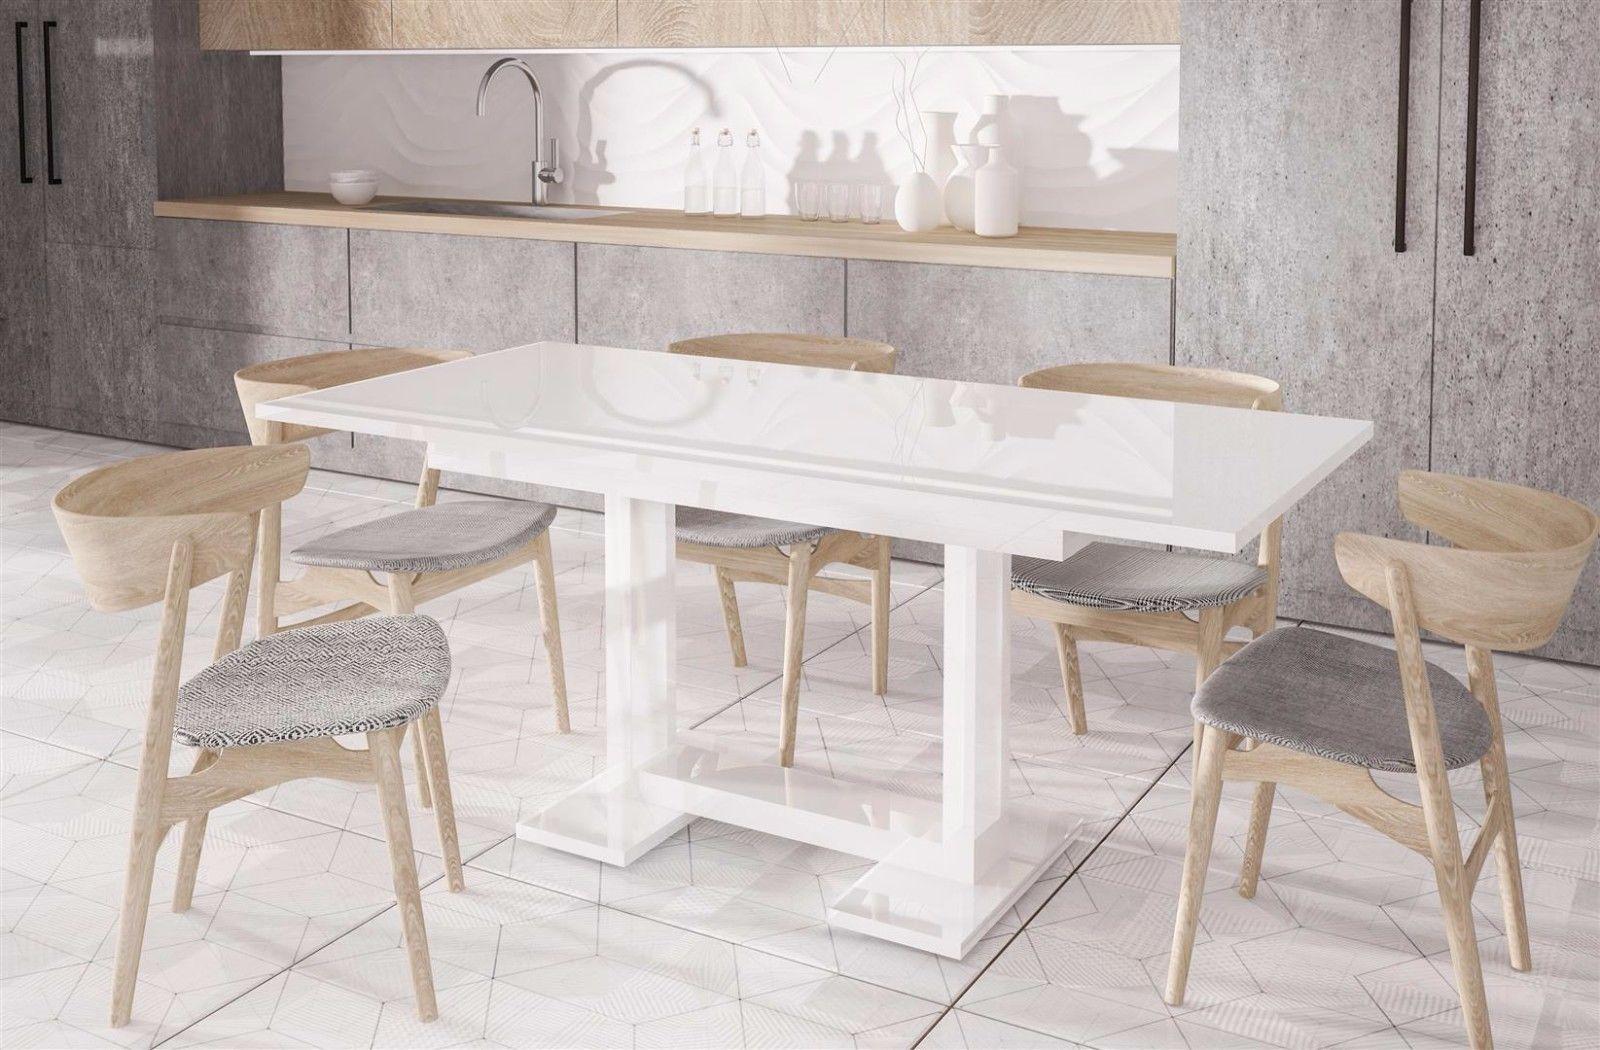 kche glas best beautiful dorma drehtren glas reinhard ag with dorma glas with pendeltr kche. Black Bedroom Furniture Sets. Home Design Ideas